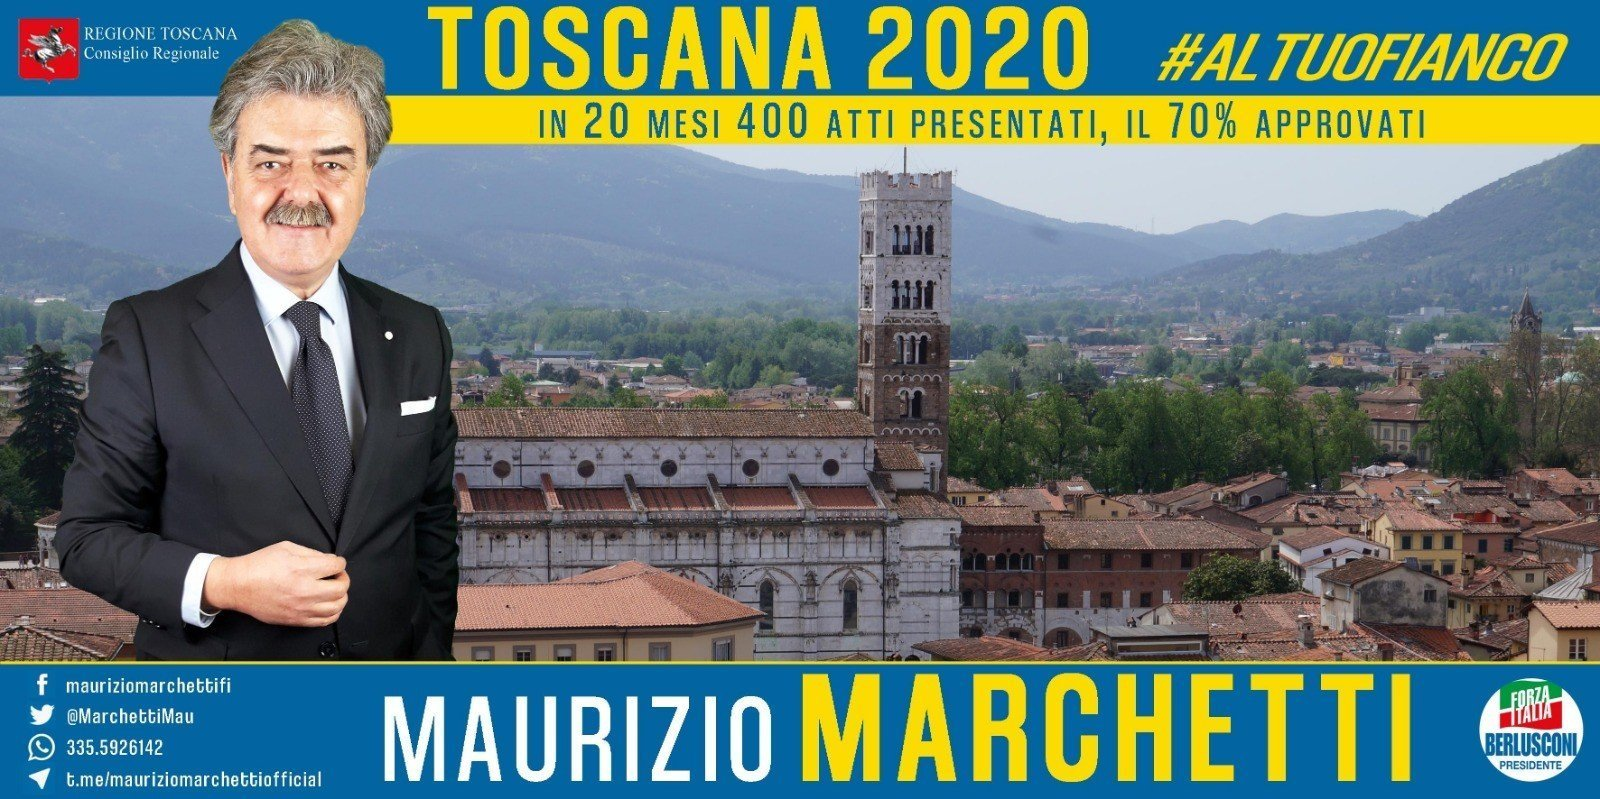 Maurizio Marchetti Toscana 2020